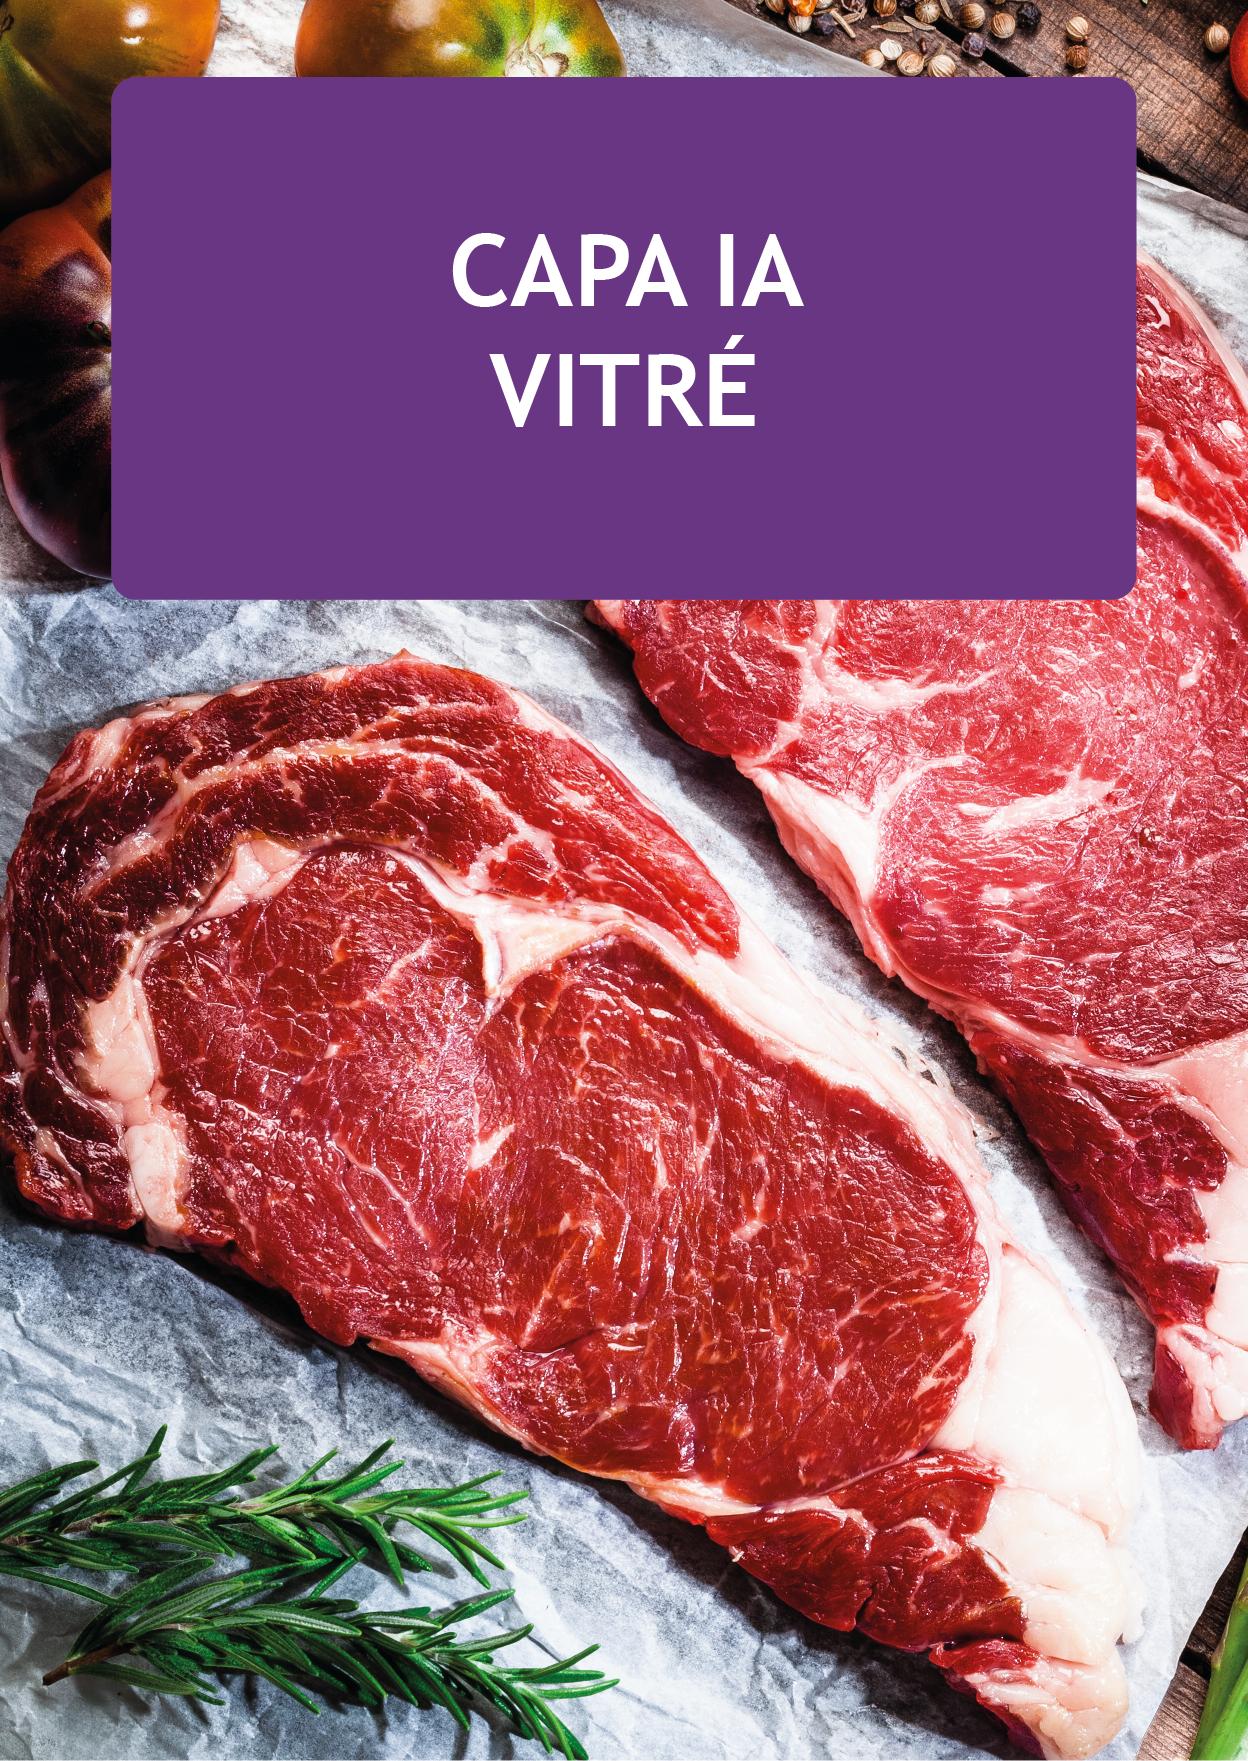 Plaquette CAPA opérateur en industries agroalimentaires 